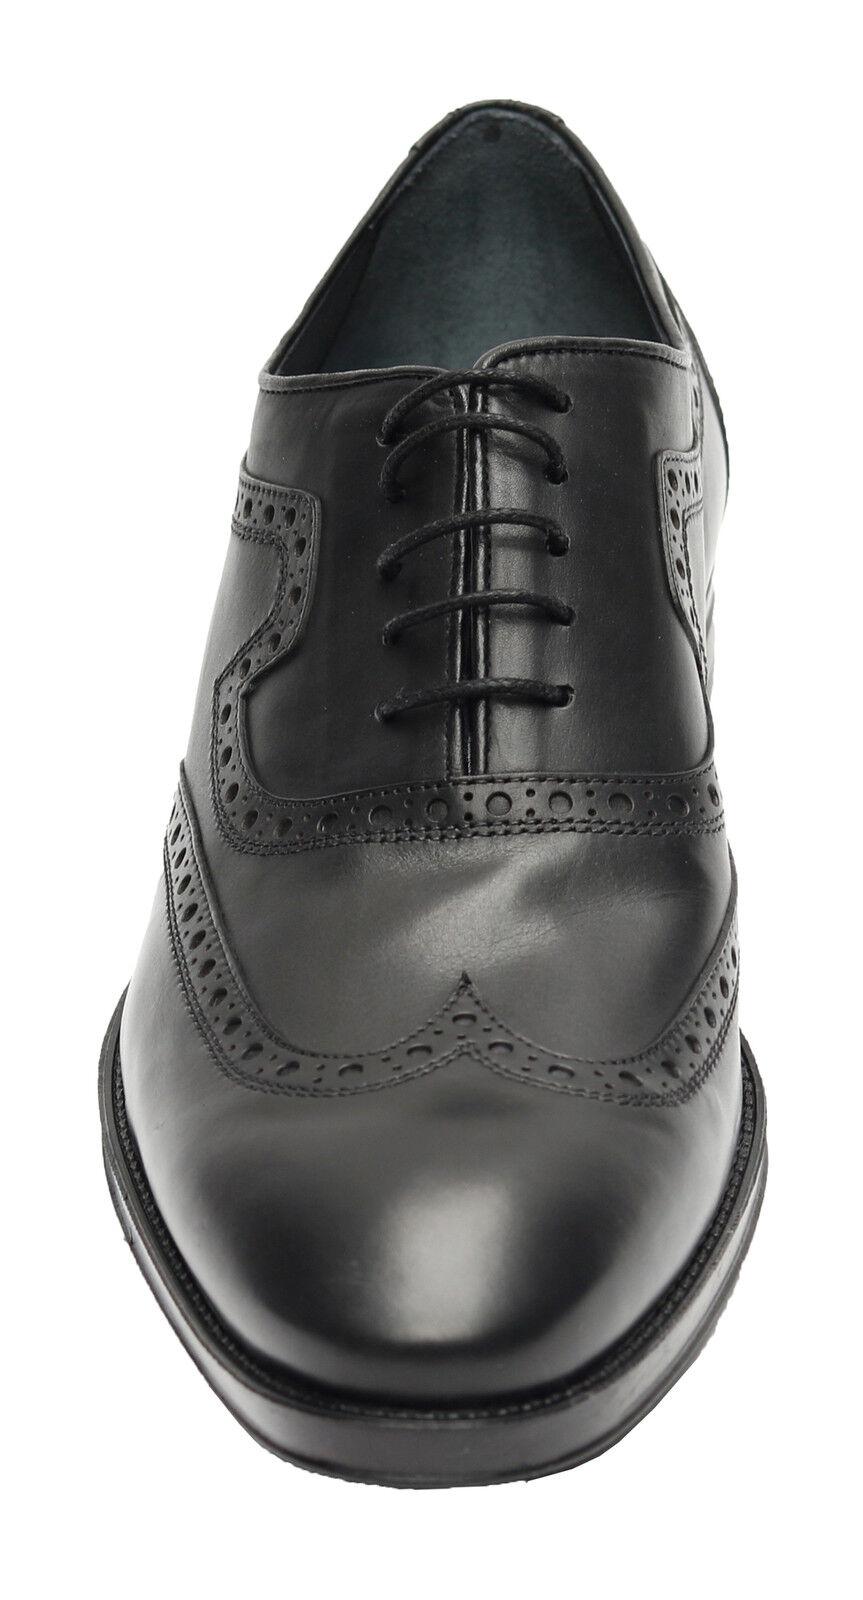 Muga Herren Schuhe Echtleder*850*Gr.46 Schwarz